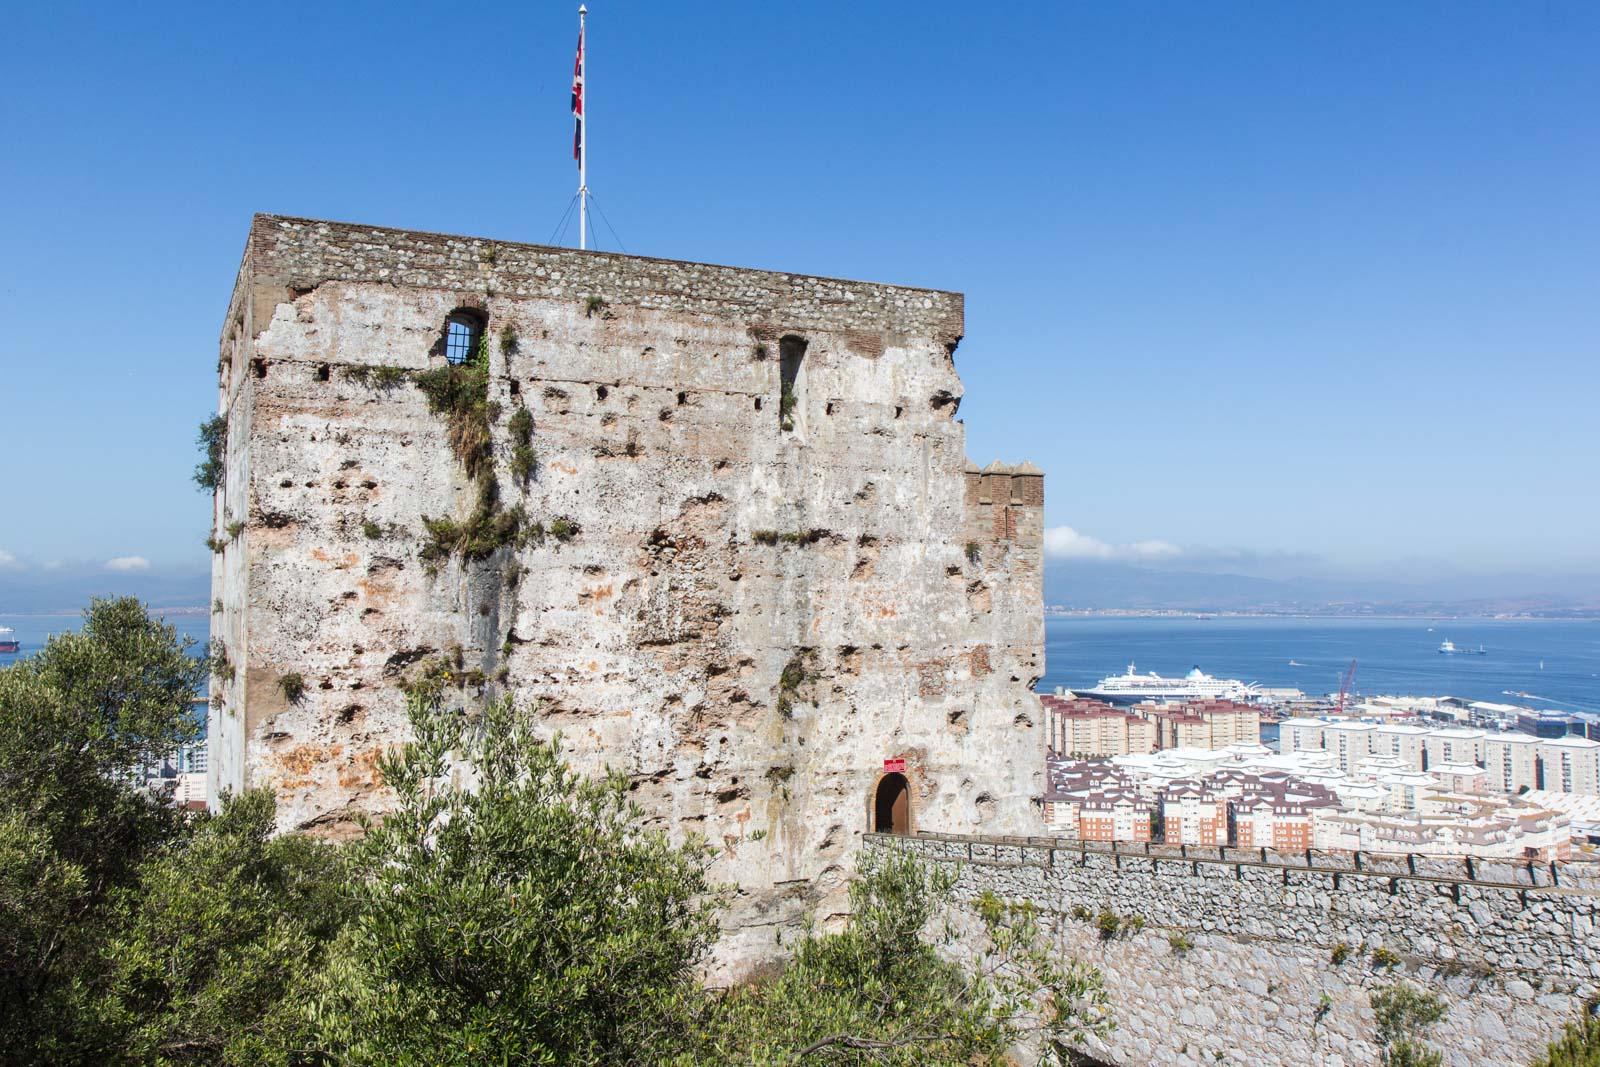 Moorish castle, Rock of Gibraltar